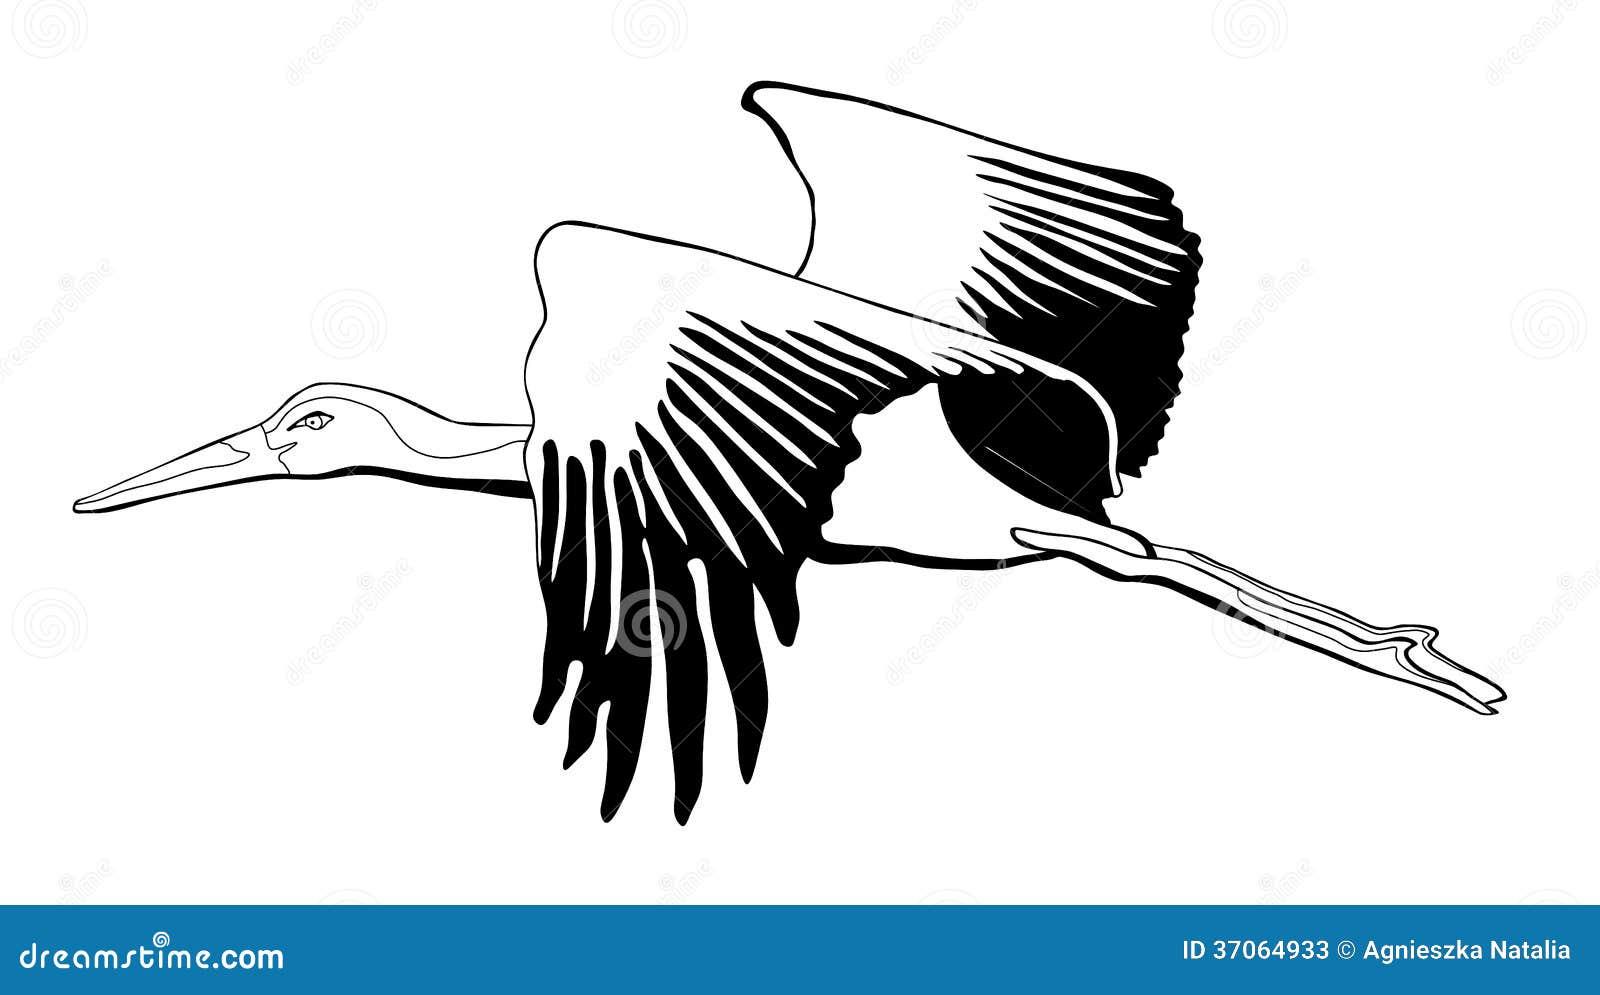 Stork Black And White